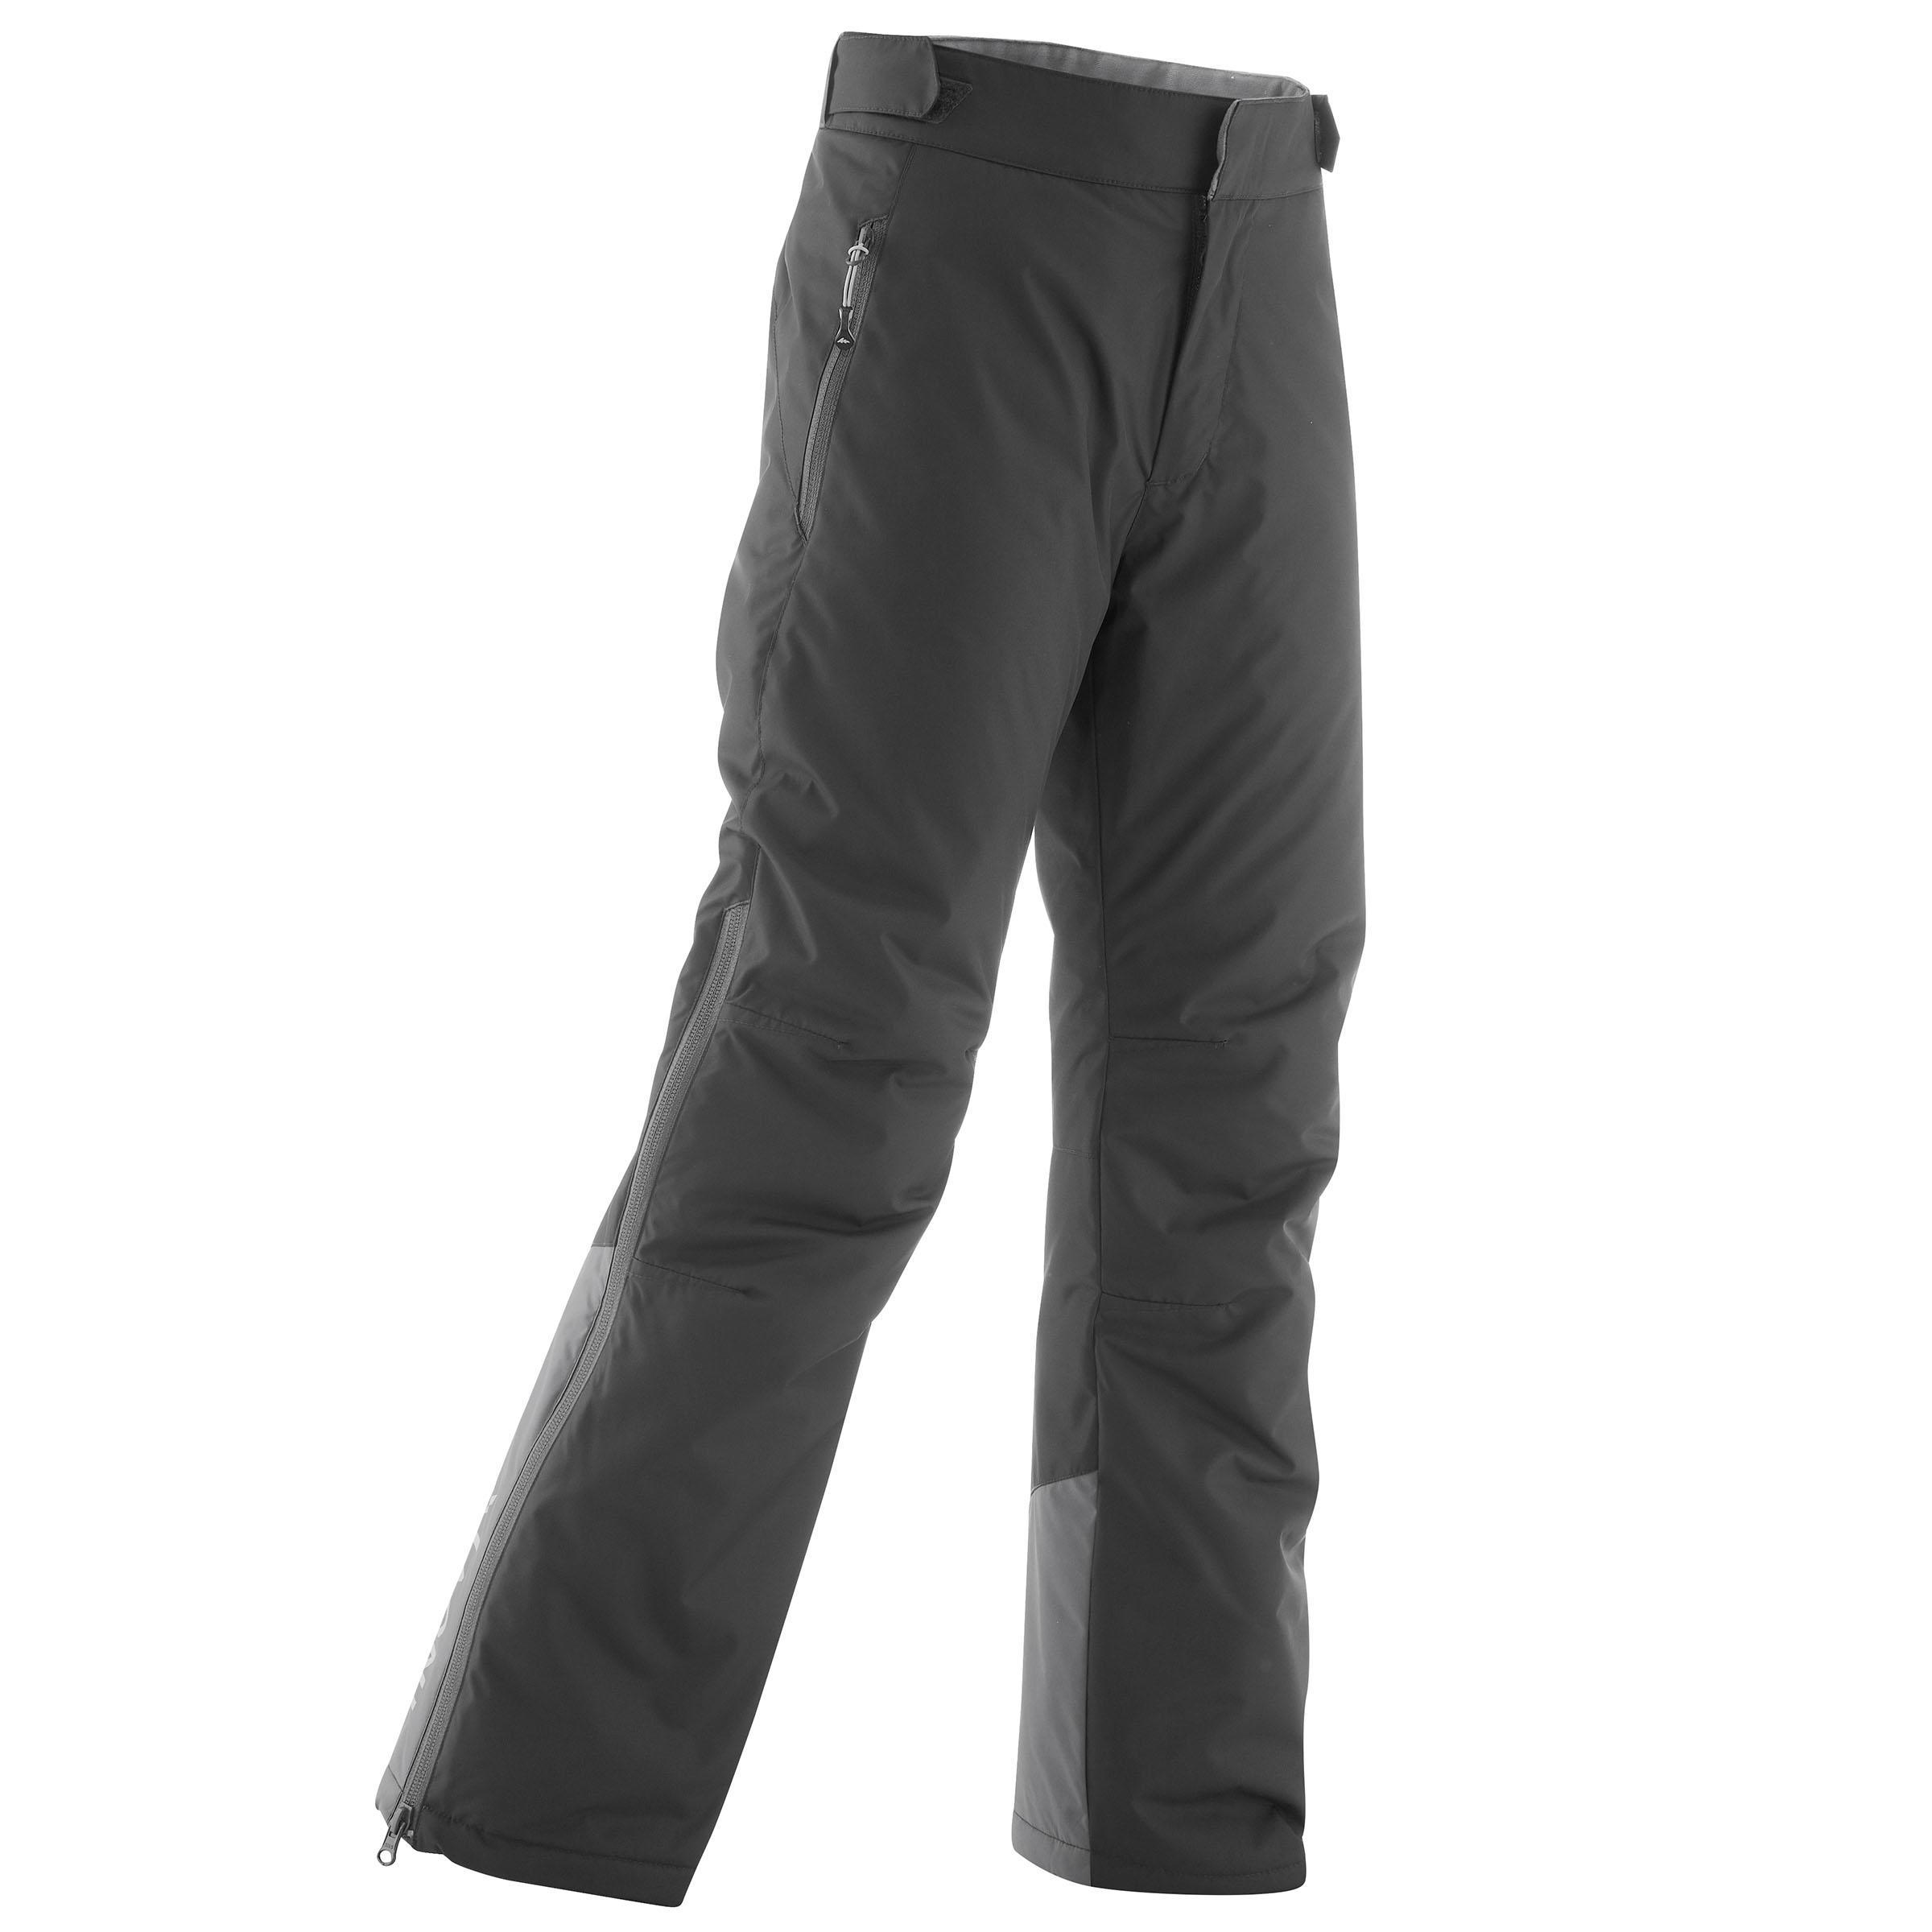 Pantalon chaud de ski de fond gris xc s pant 100 enfant inovik